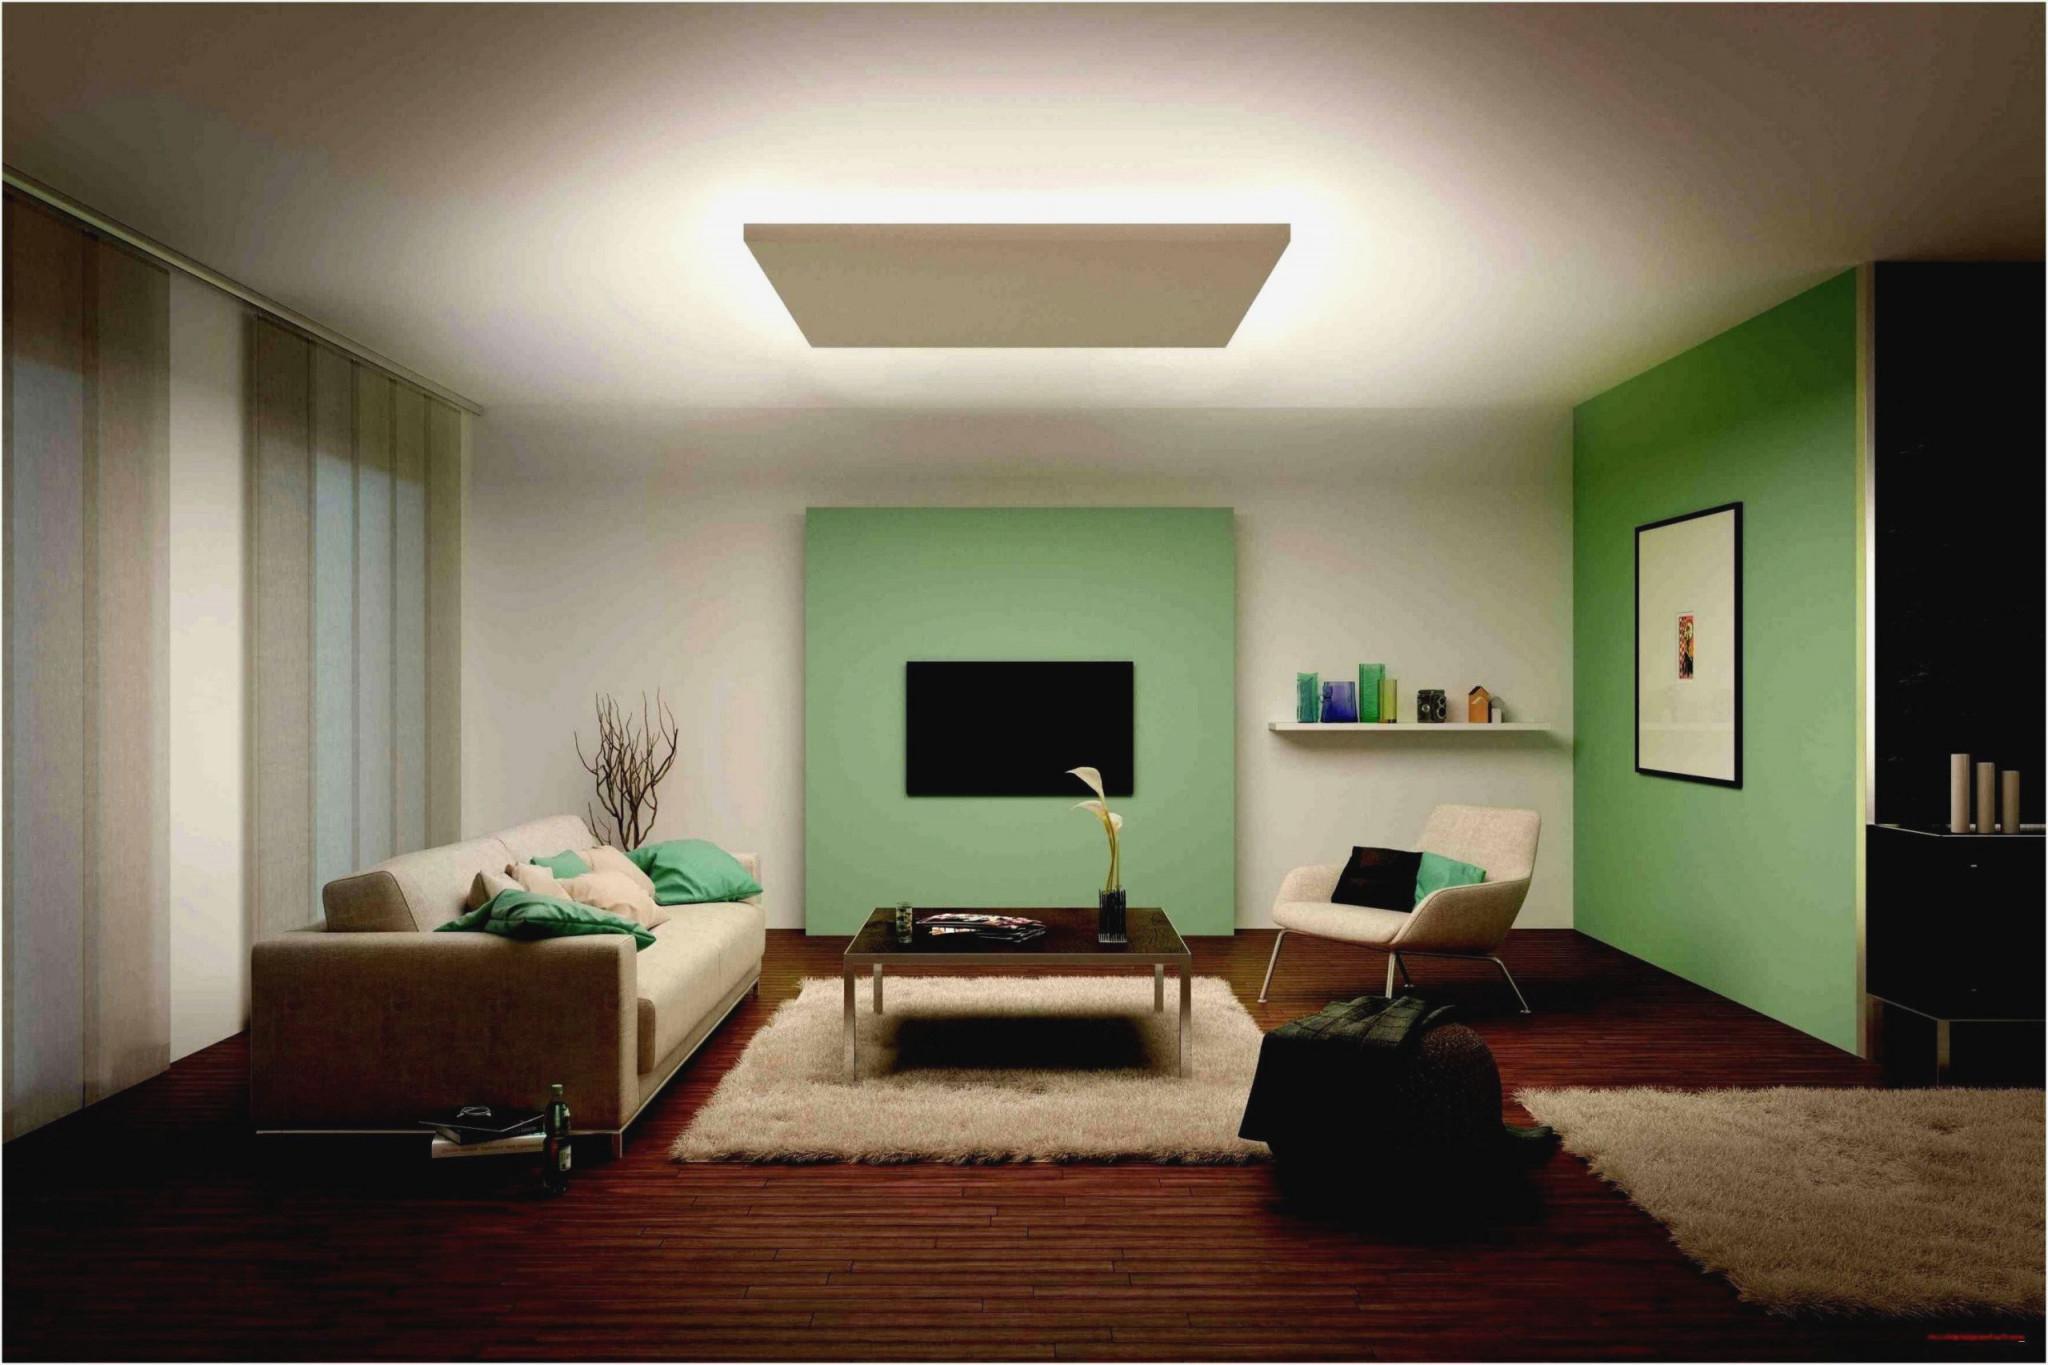 Deckenlampe Wohnzimmer Flach Holz  Wohnzimmer  Traumhaus von Wohnzimmer Lampe Flach Photo